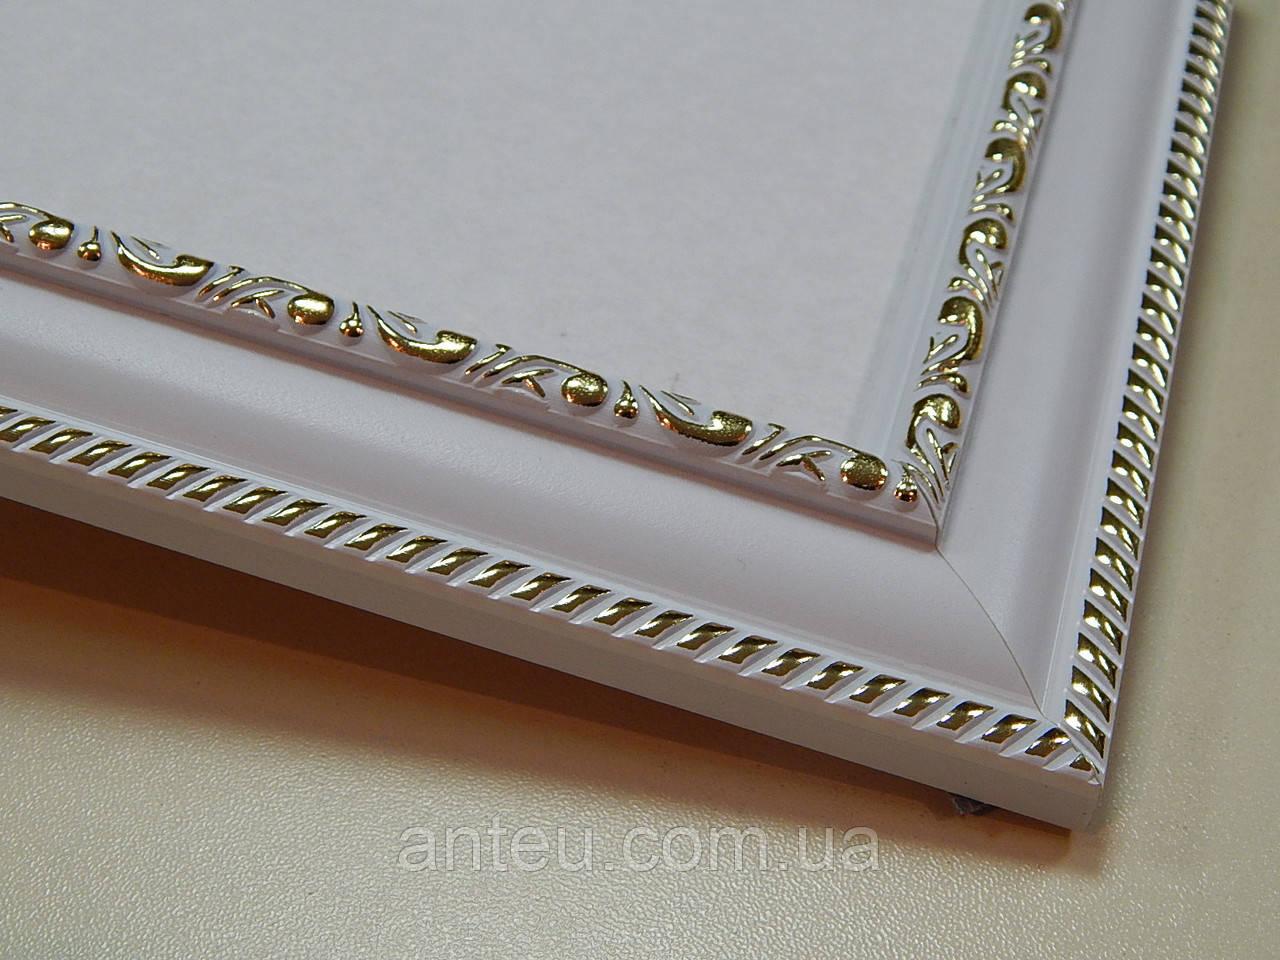 Рамка А3 (297х420)Антибликовое стеклоБелый с орнаментом.30 мм.